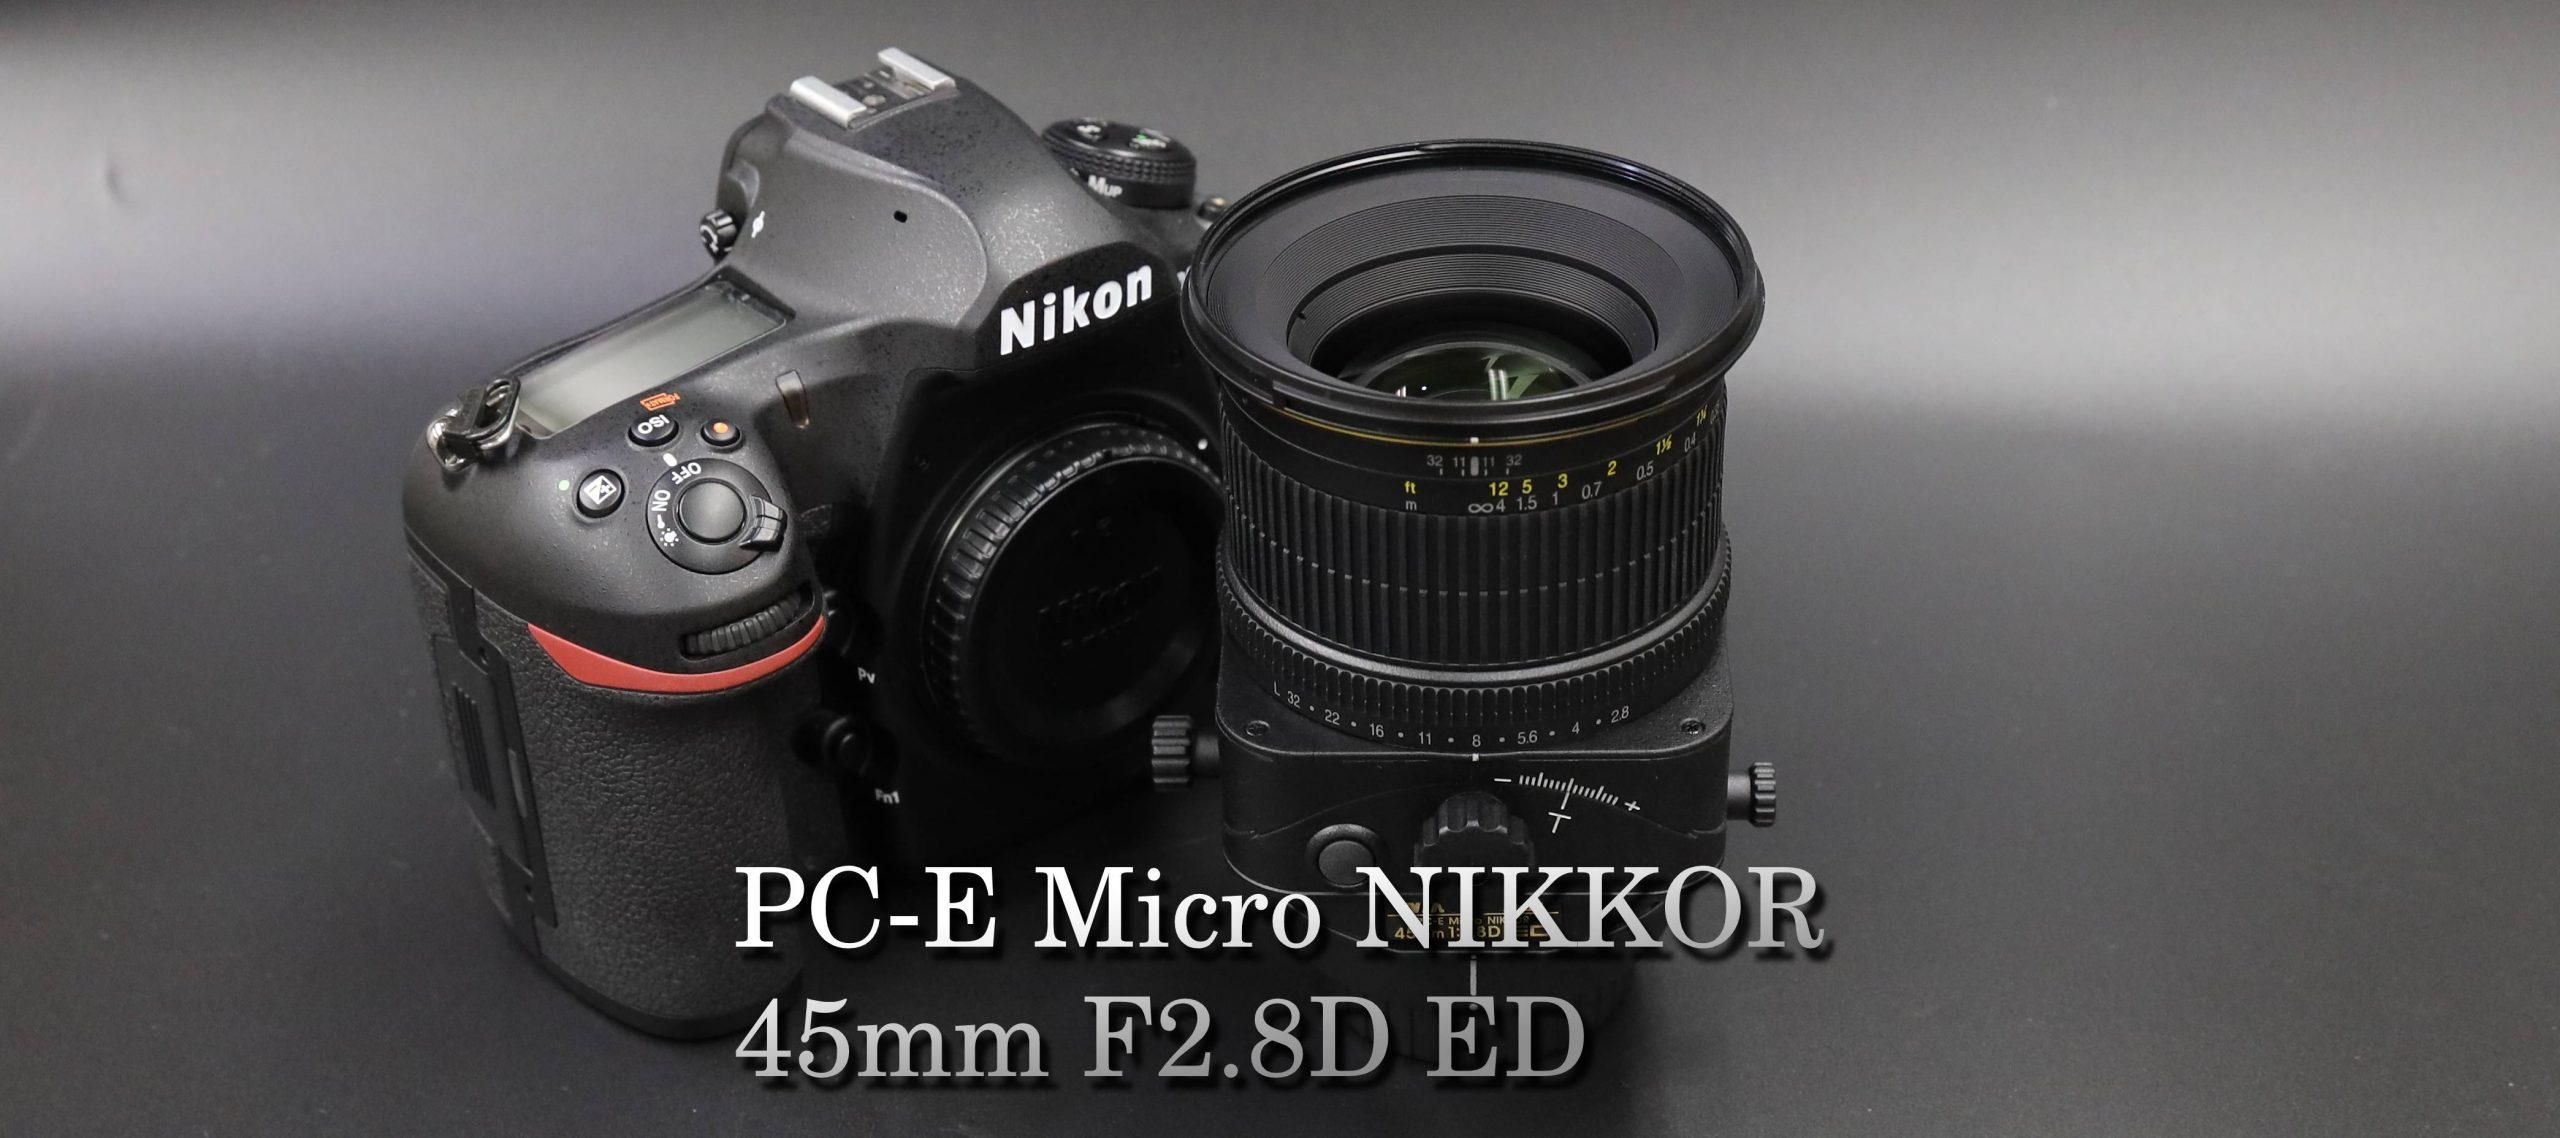 【好機到来】PC-E Micro NIKKOR 45mm F2.8D EDを使って